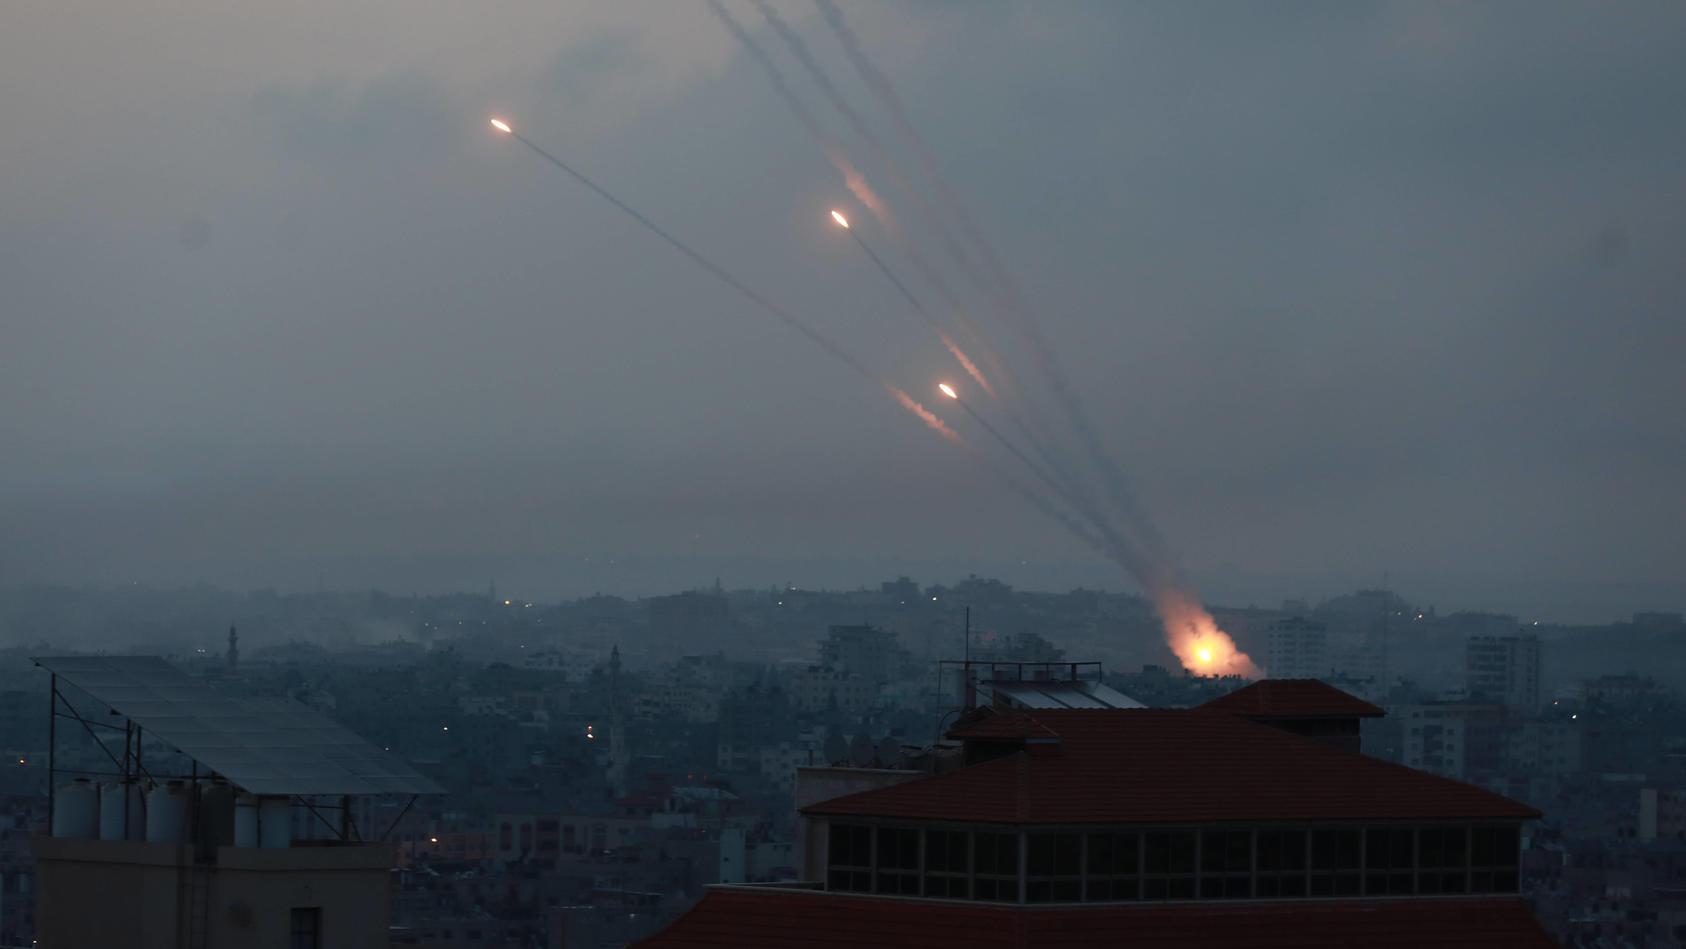 Die Terrororganisation Hamas hat mehr als 200 Raketen auf Israel abgefeuert